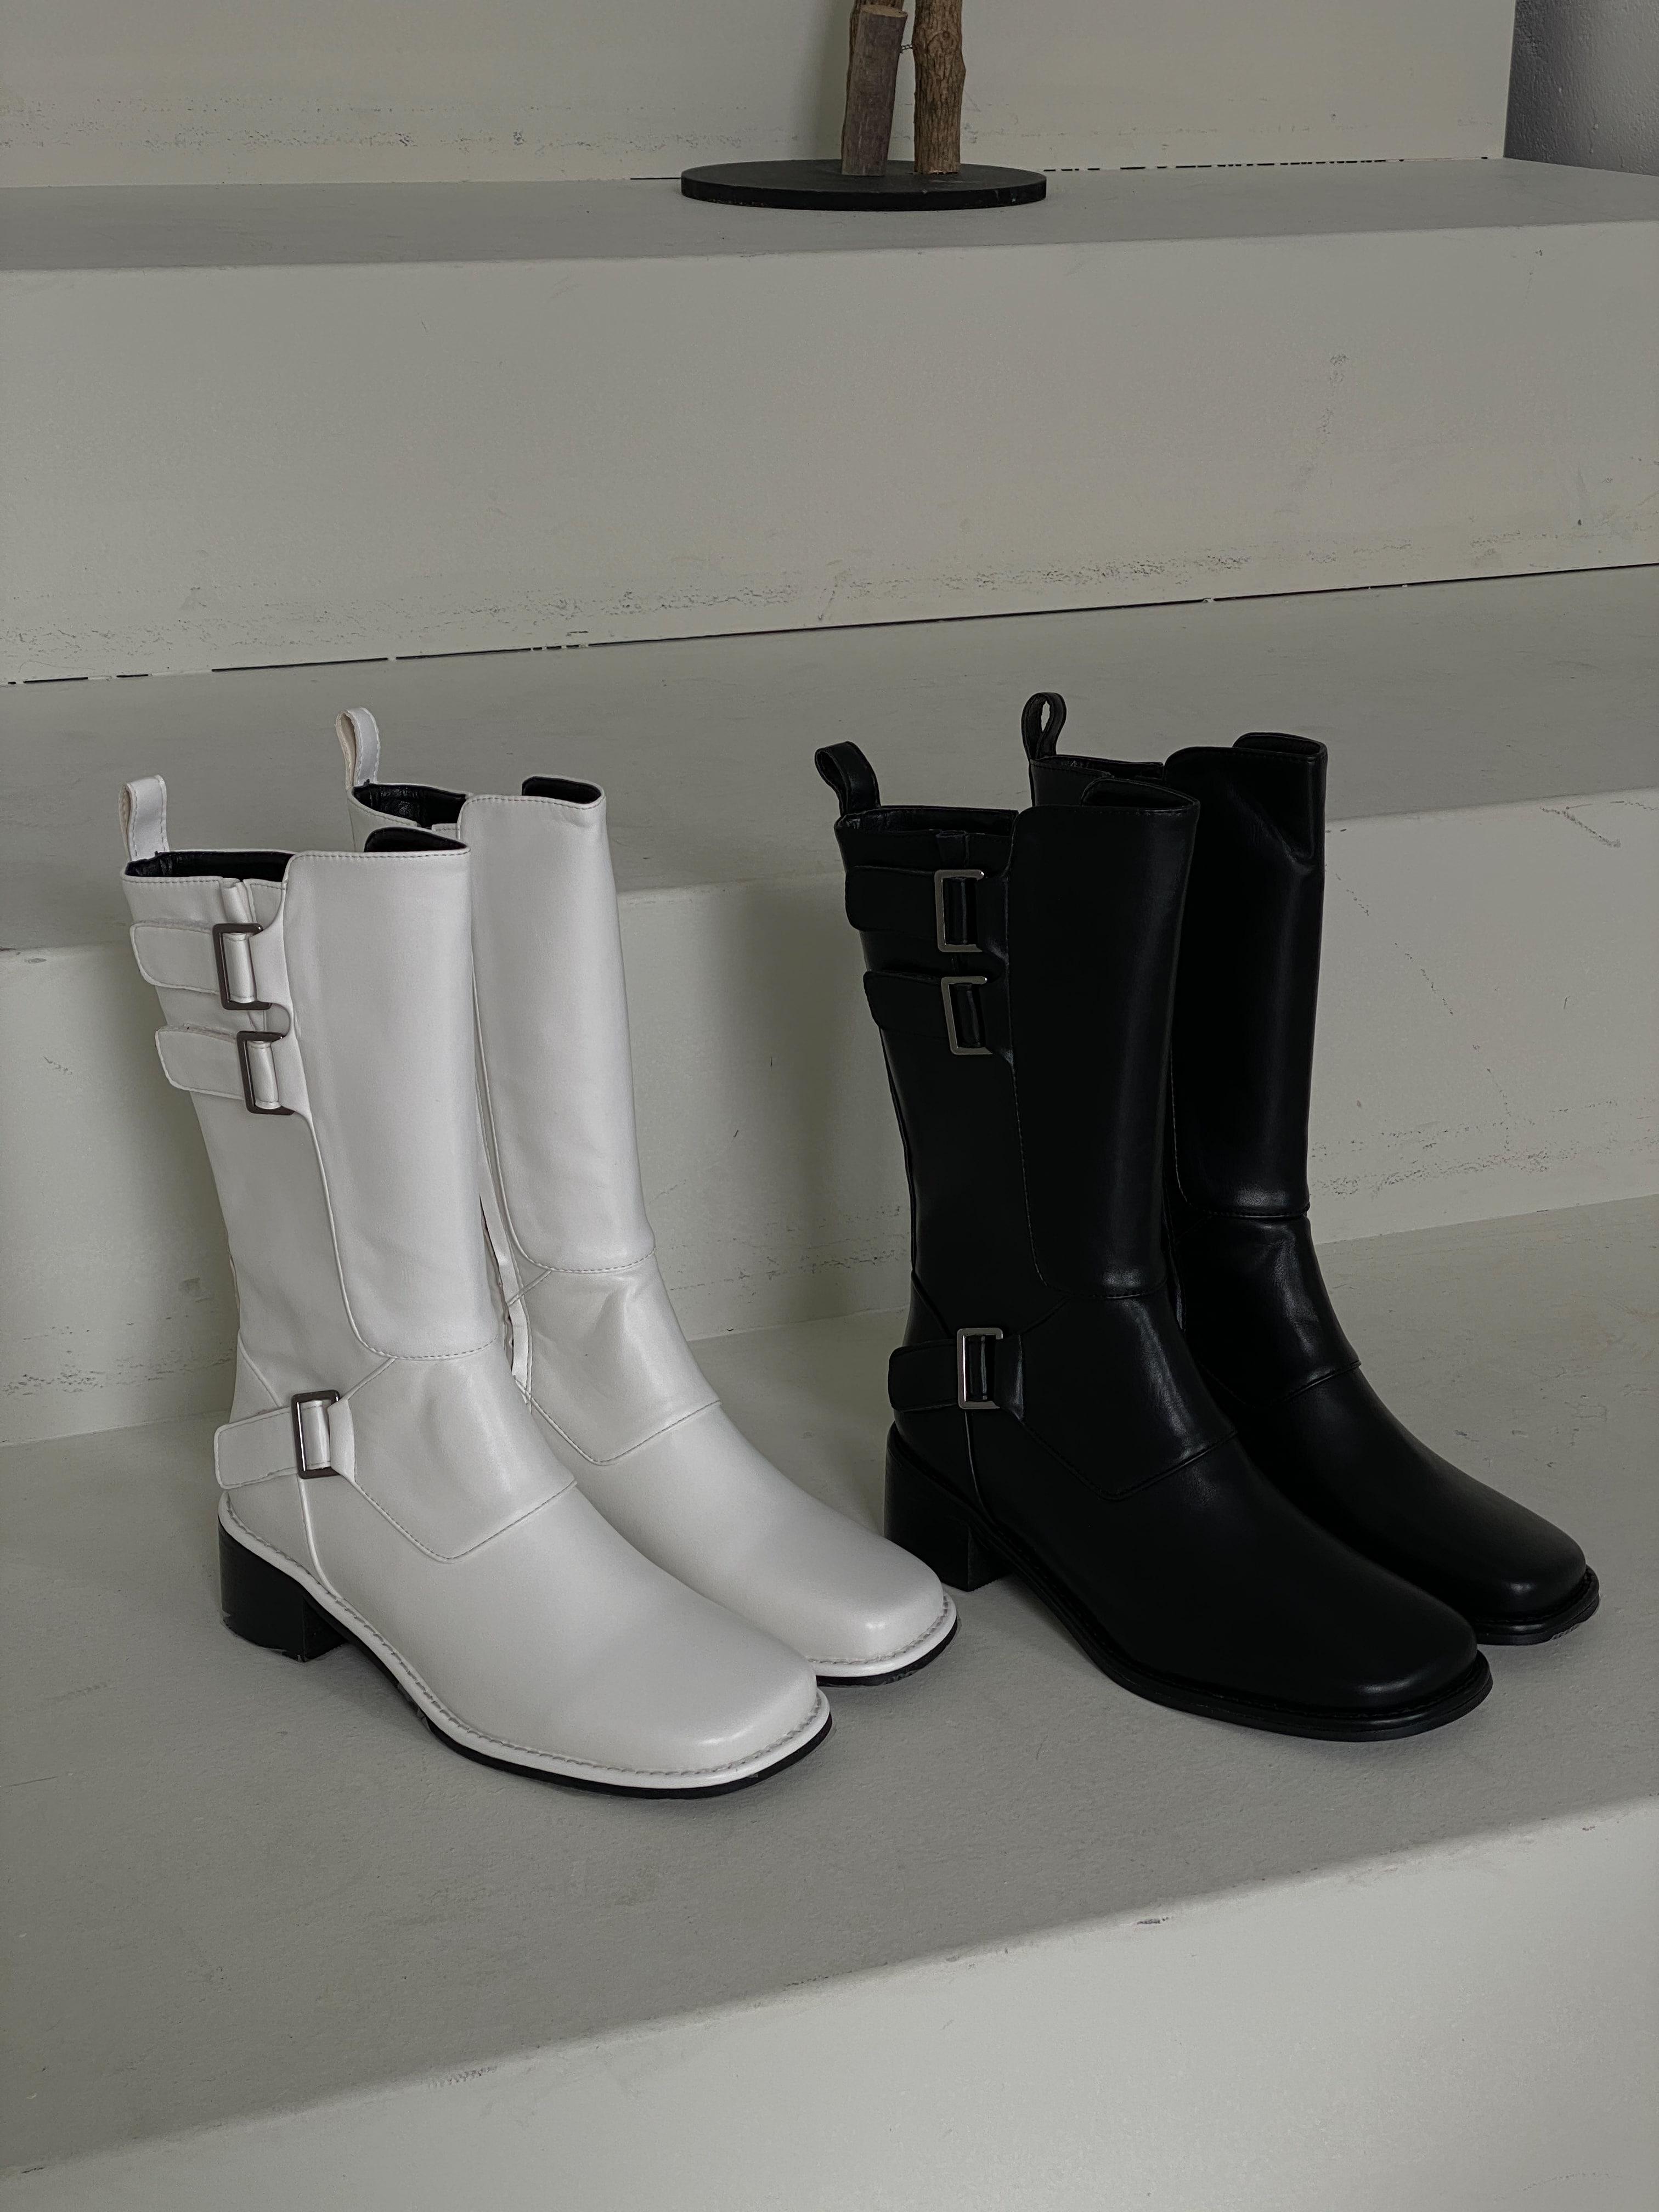 Fellen boots